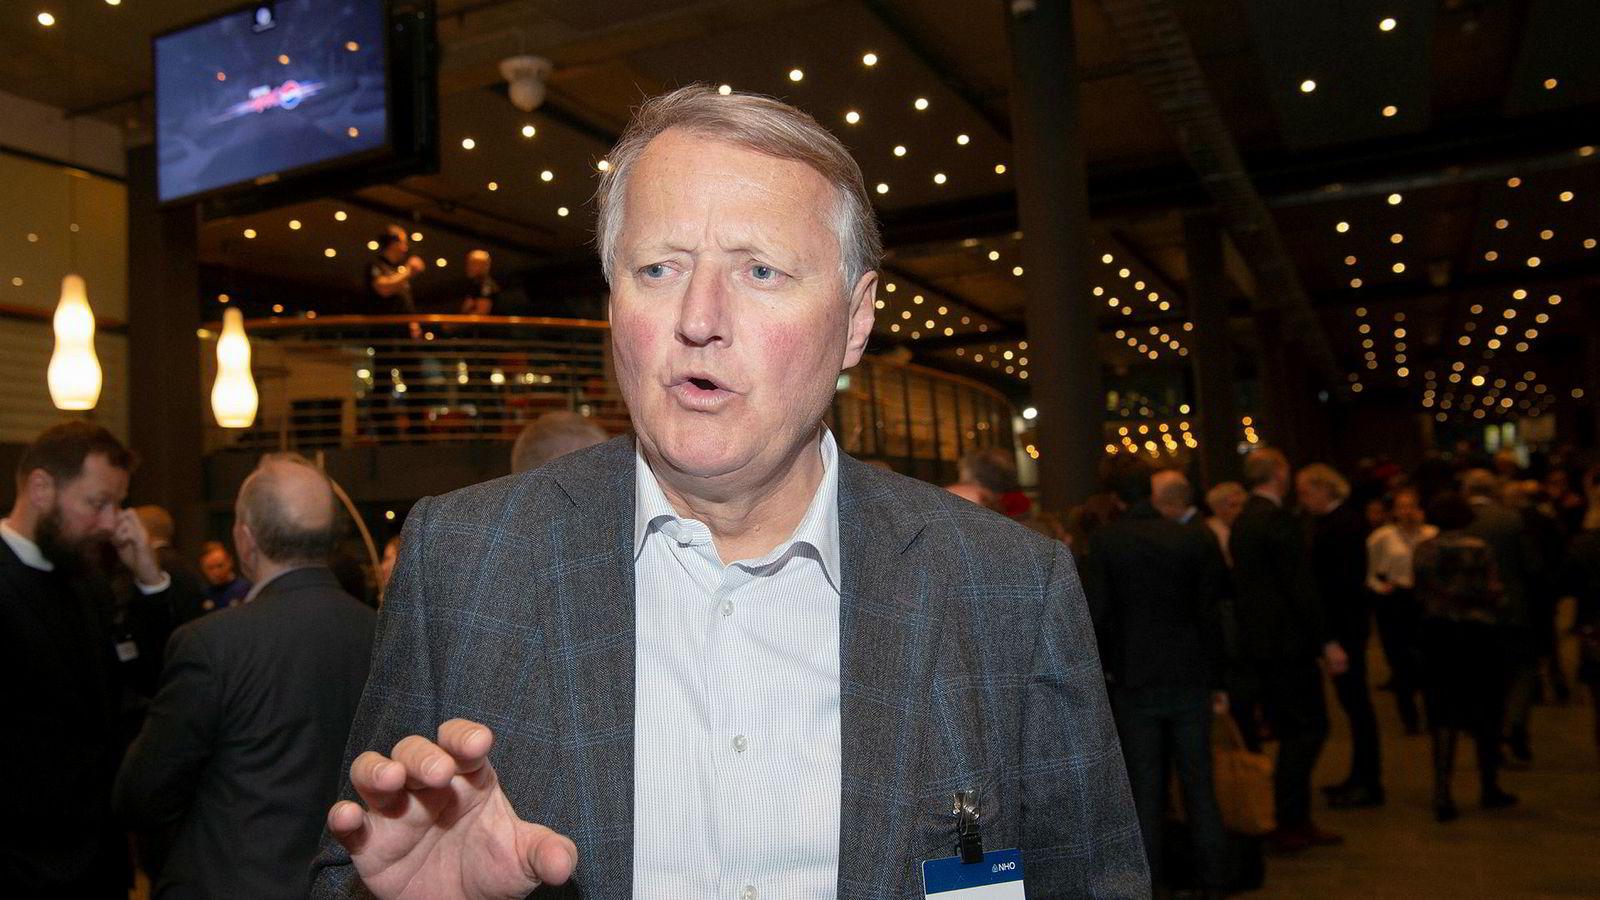 Konsernsjef Rune Bjerke i DNB kutter pris for å få flere kunder.